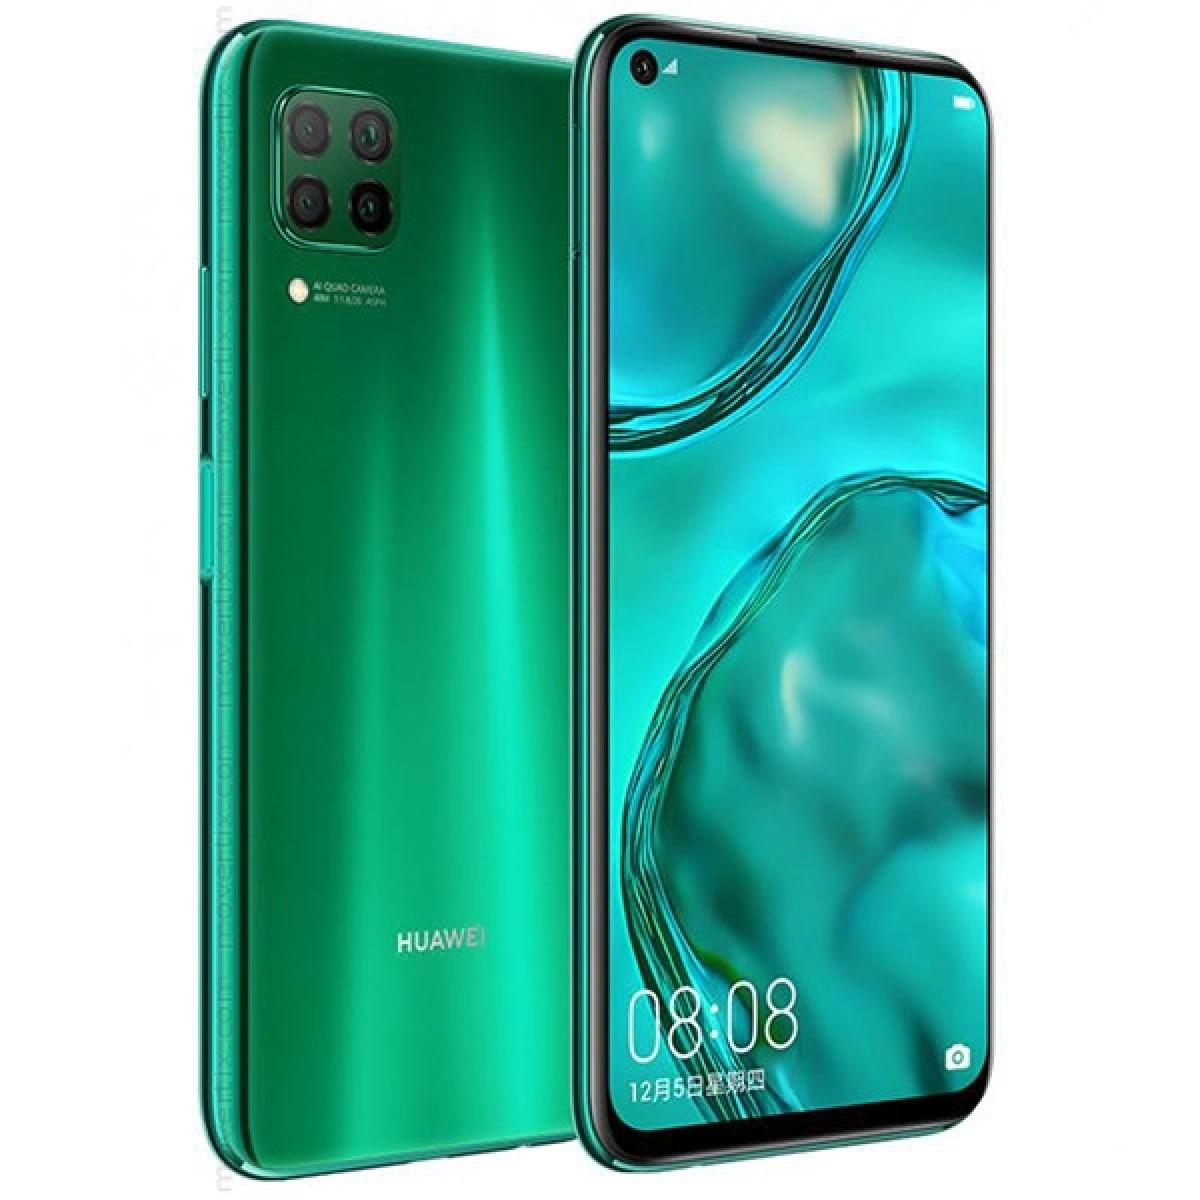 Huawei P40 Lite al miglior prezzo: da Expert scontato a 249 euro!